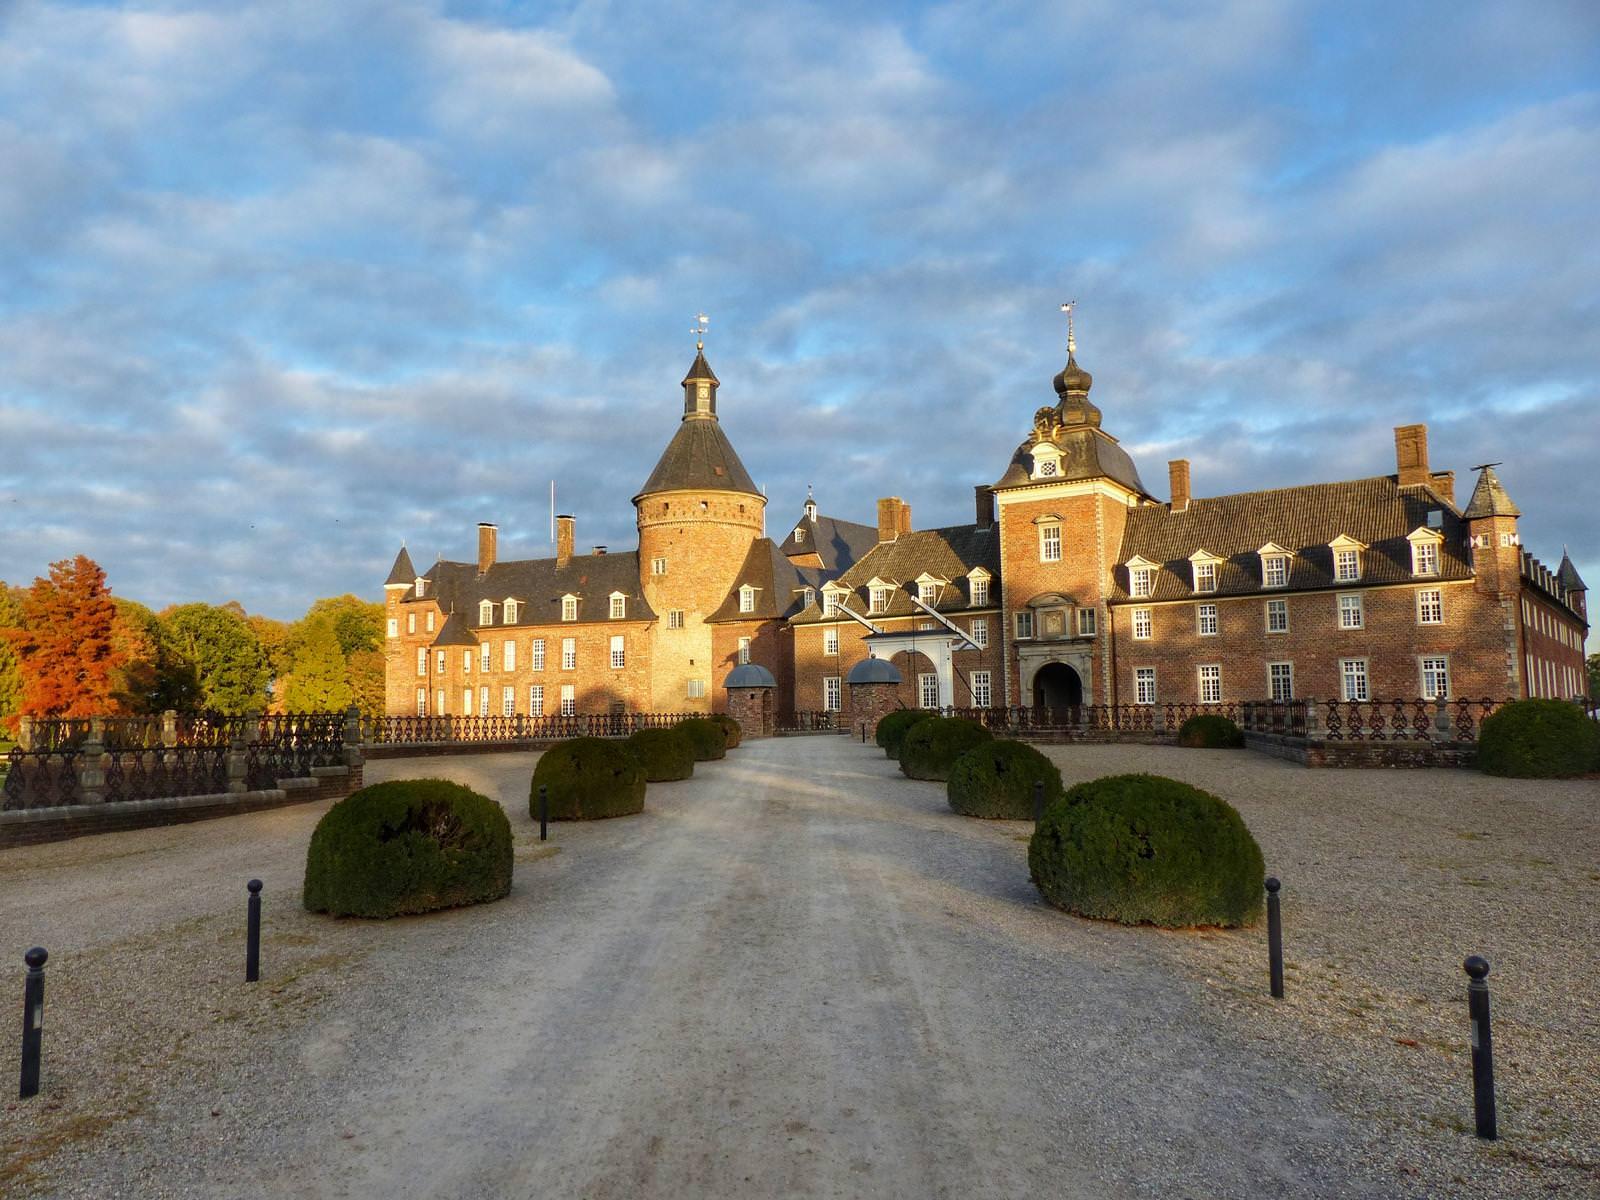 Schlosshotel Anholt in Isselburg